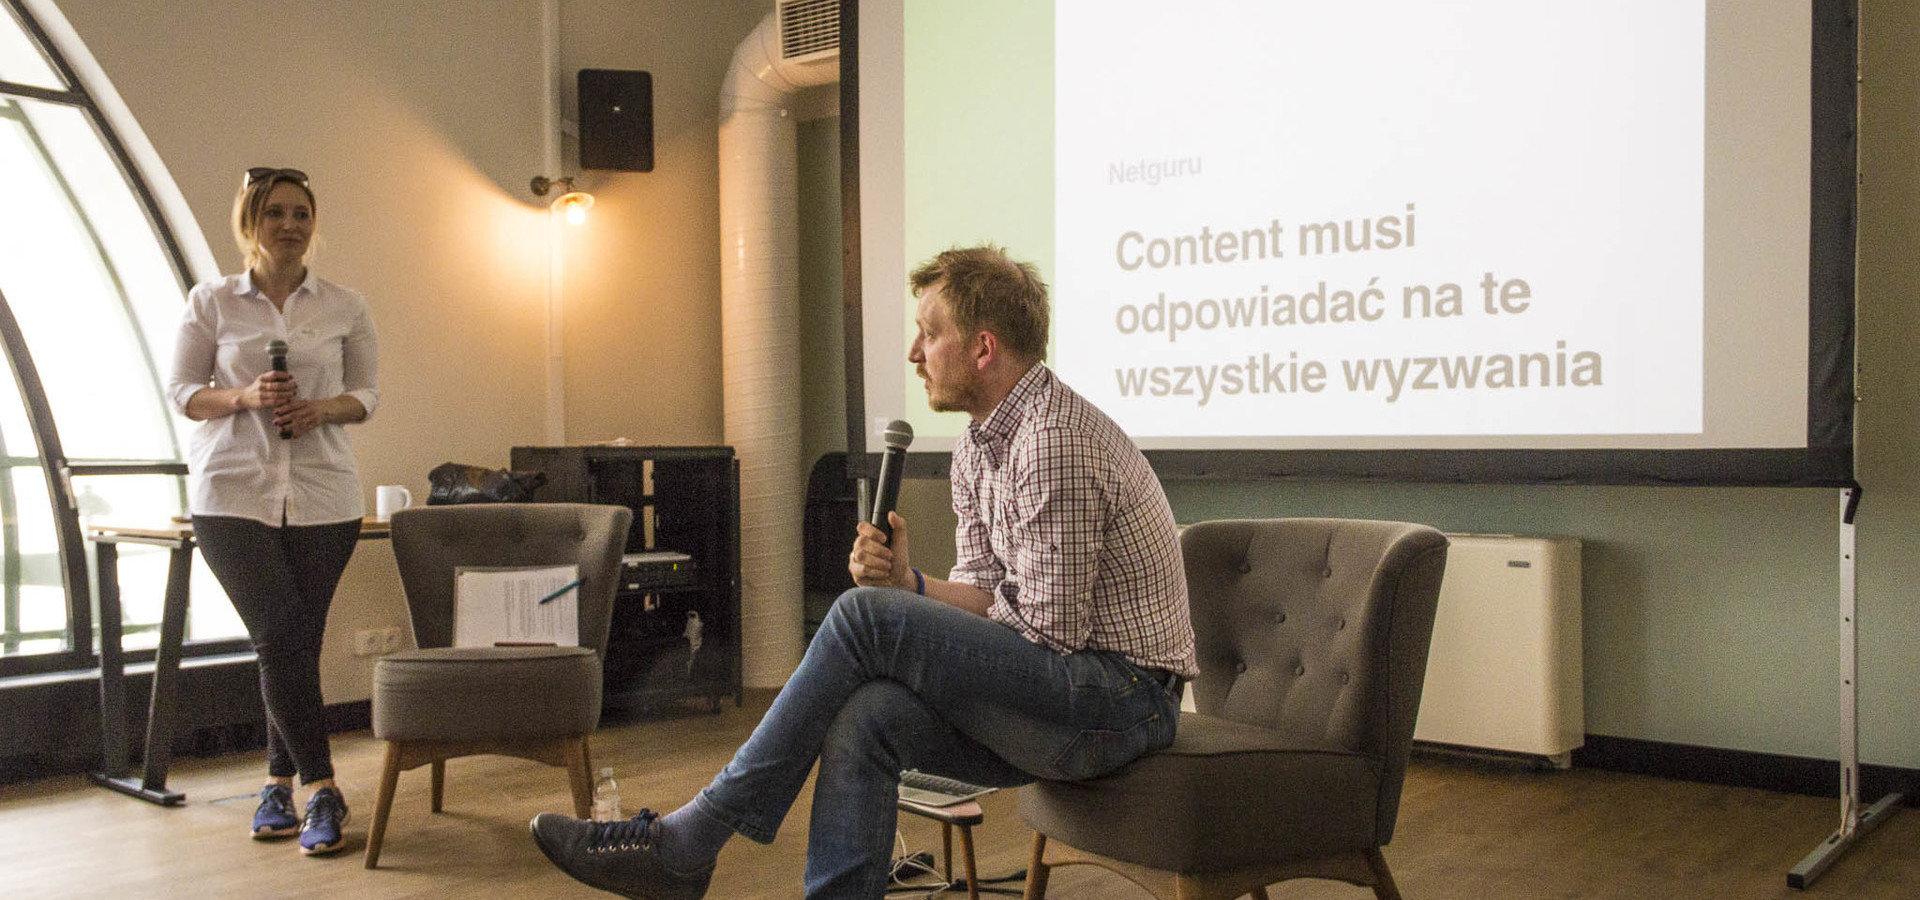 Historia dwóch piwotów, czyli o przejściu z mediów do content marketingu